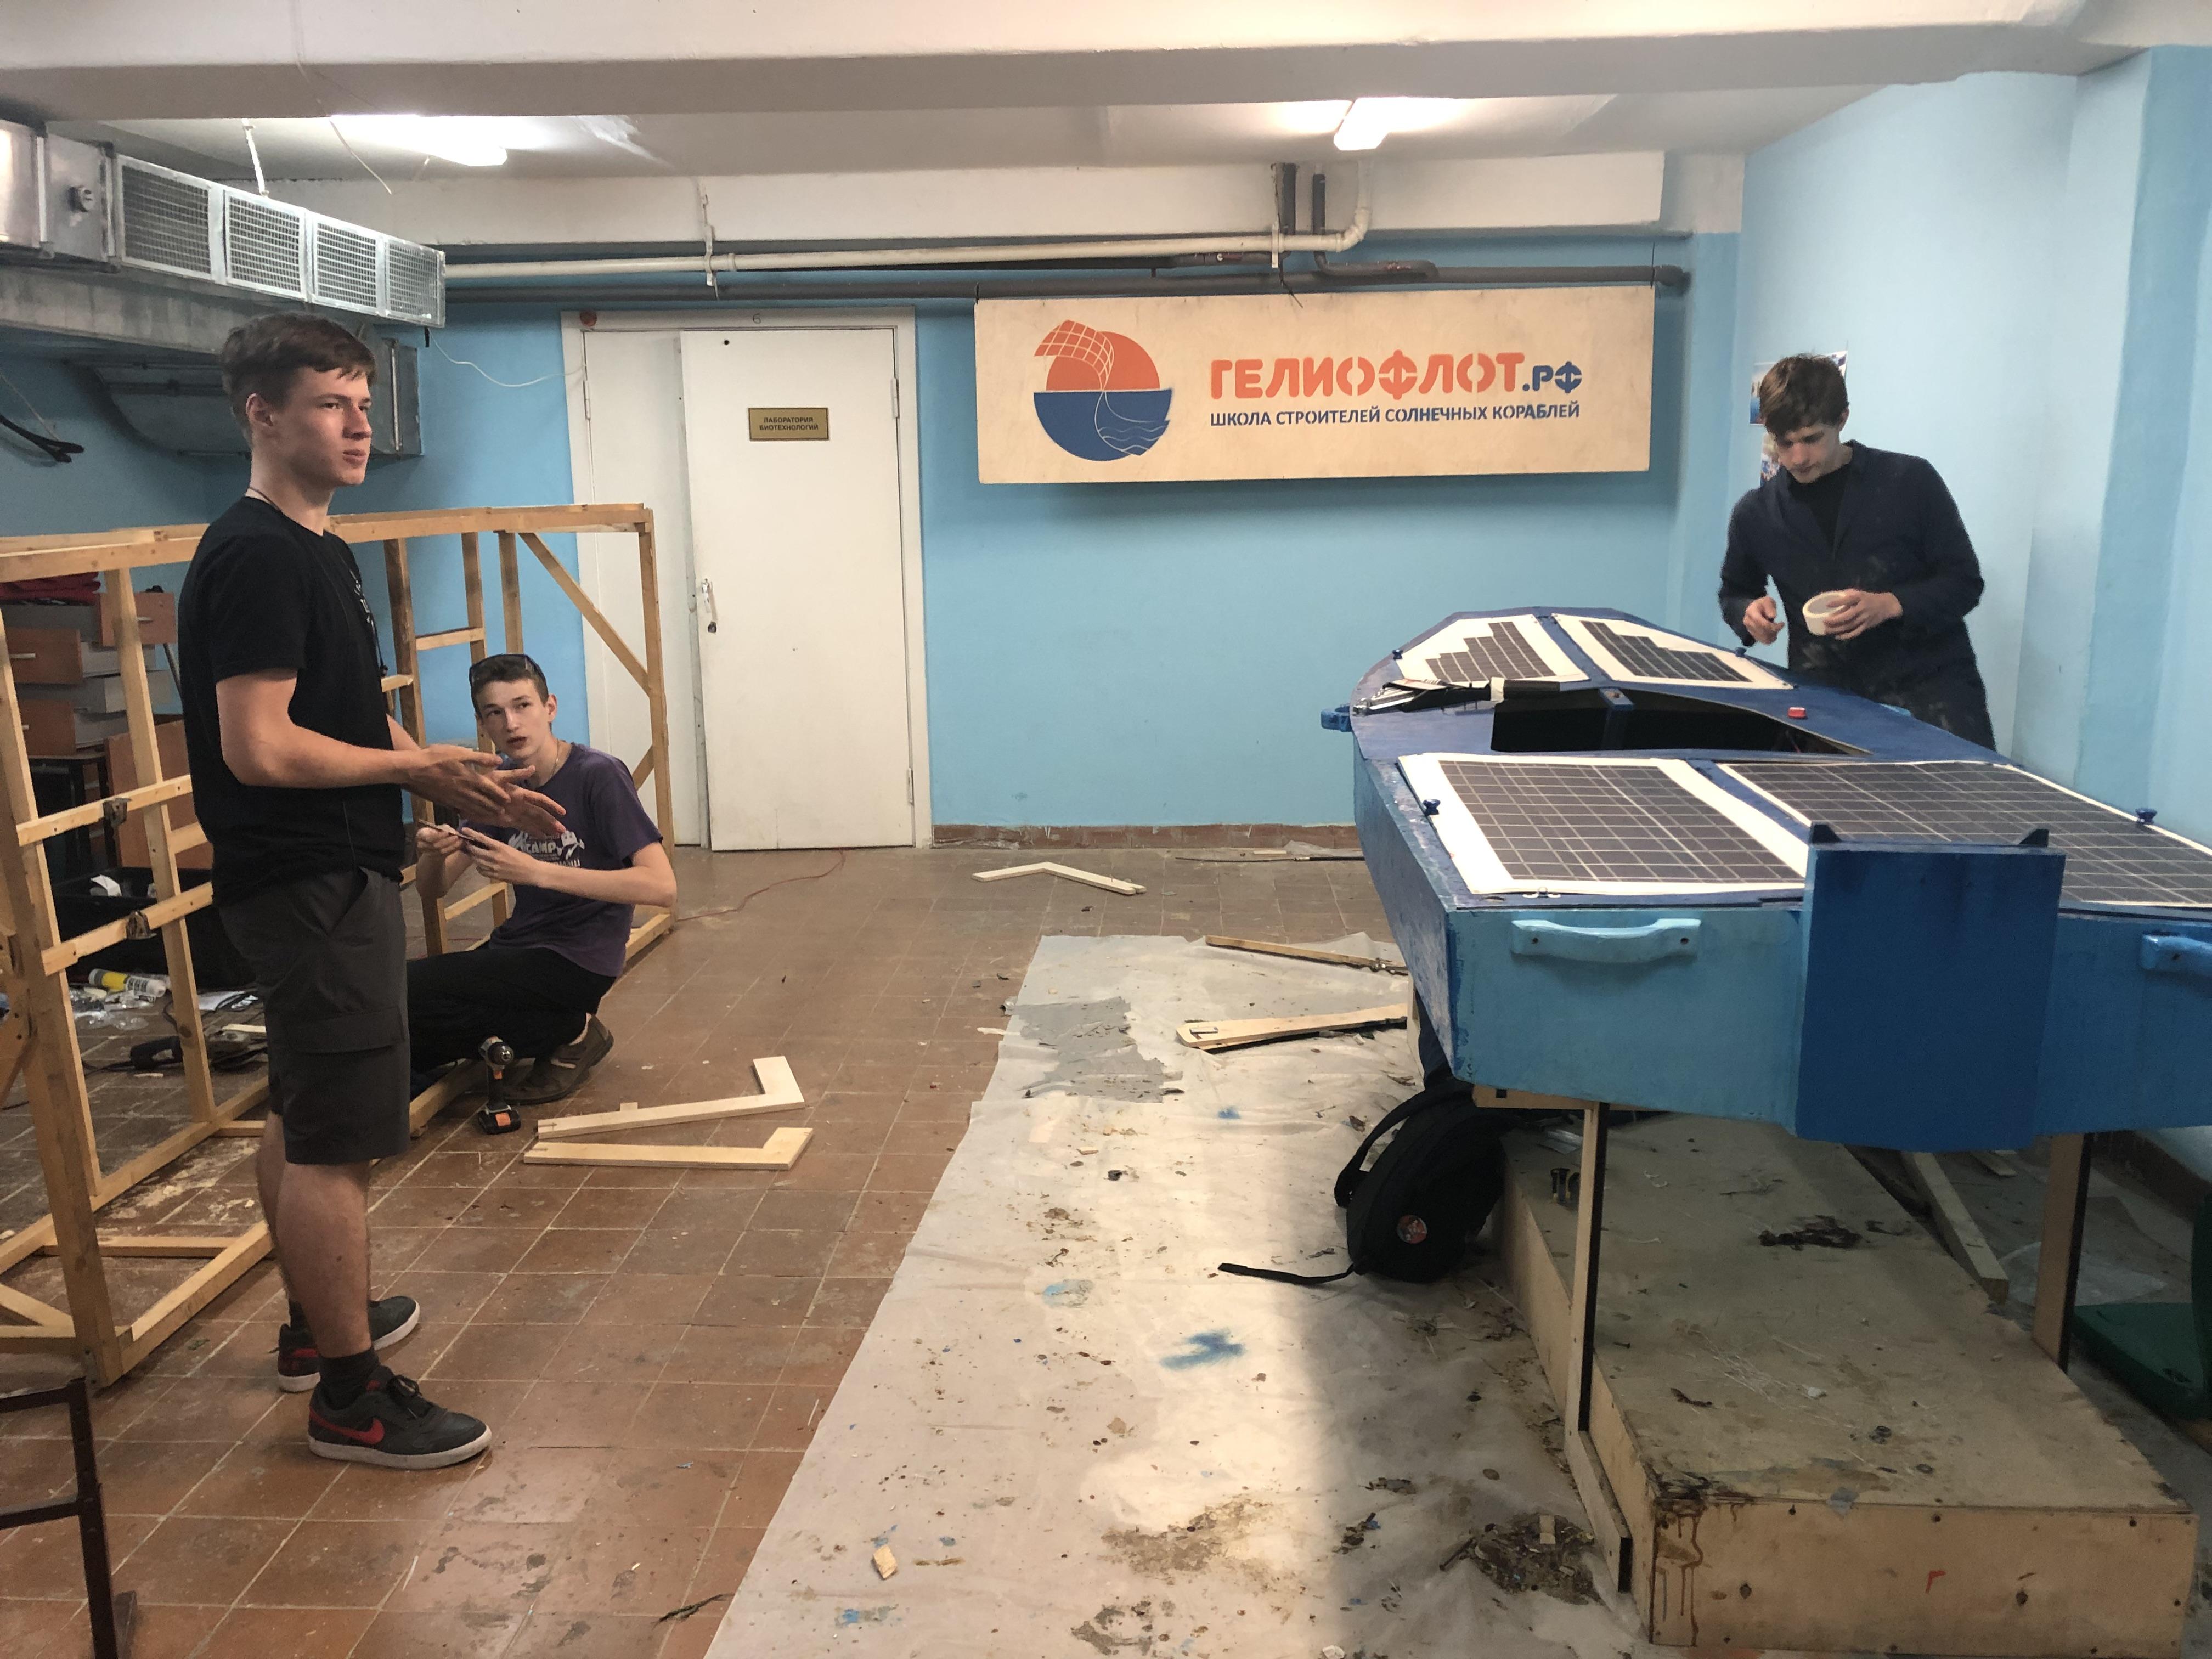 Последние штрихи перед испытаниями на открытой воде делают члены команды Илья Атрошенко, Федор Костин и Валерий Черниловский.